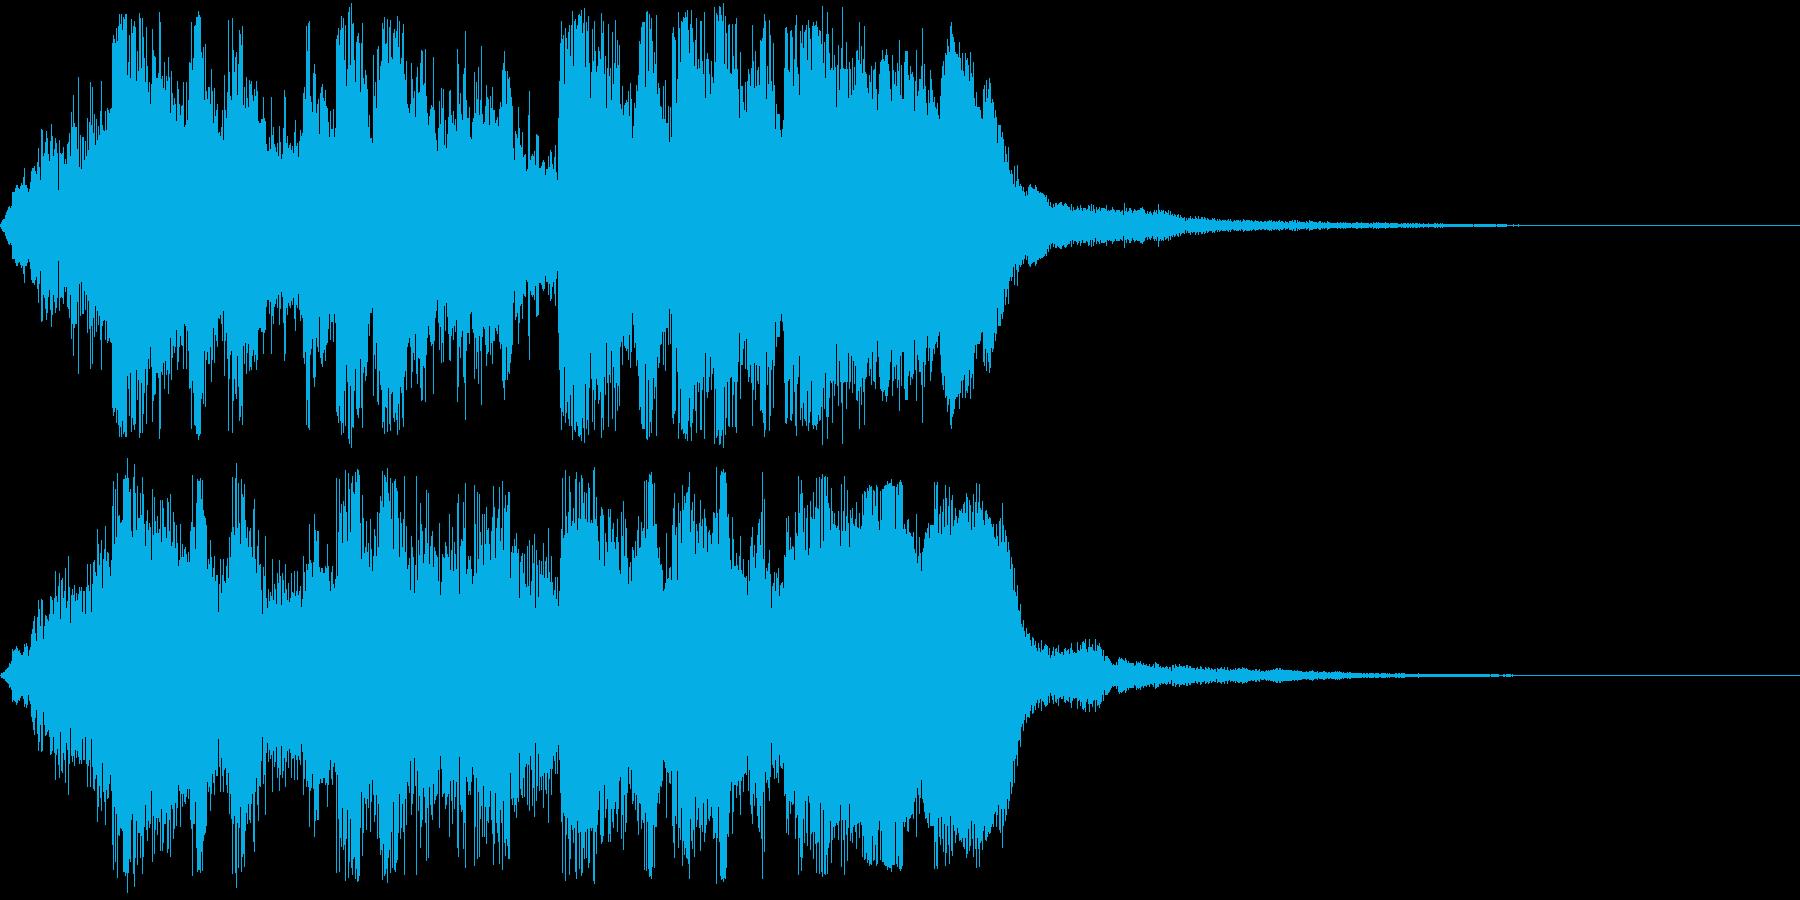 オープニング向け派手な金管ファンファーレの再生済みの波形